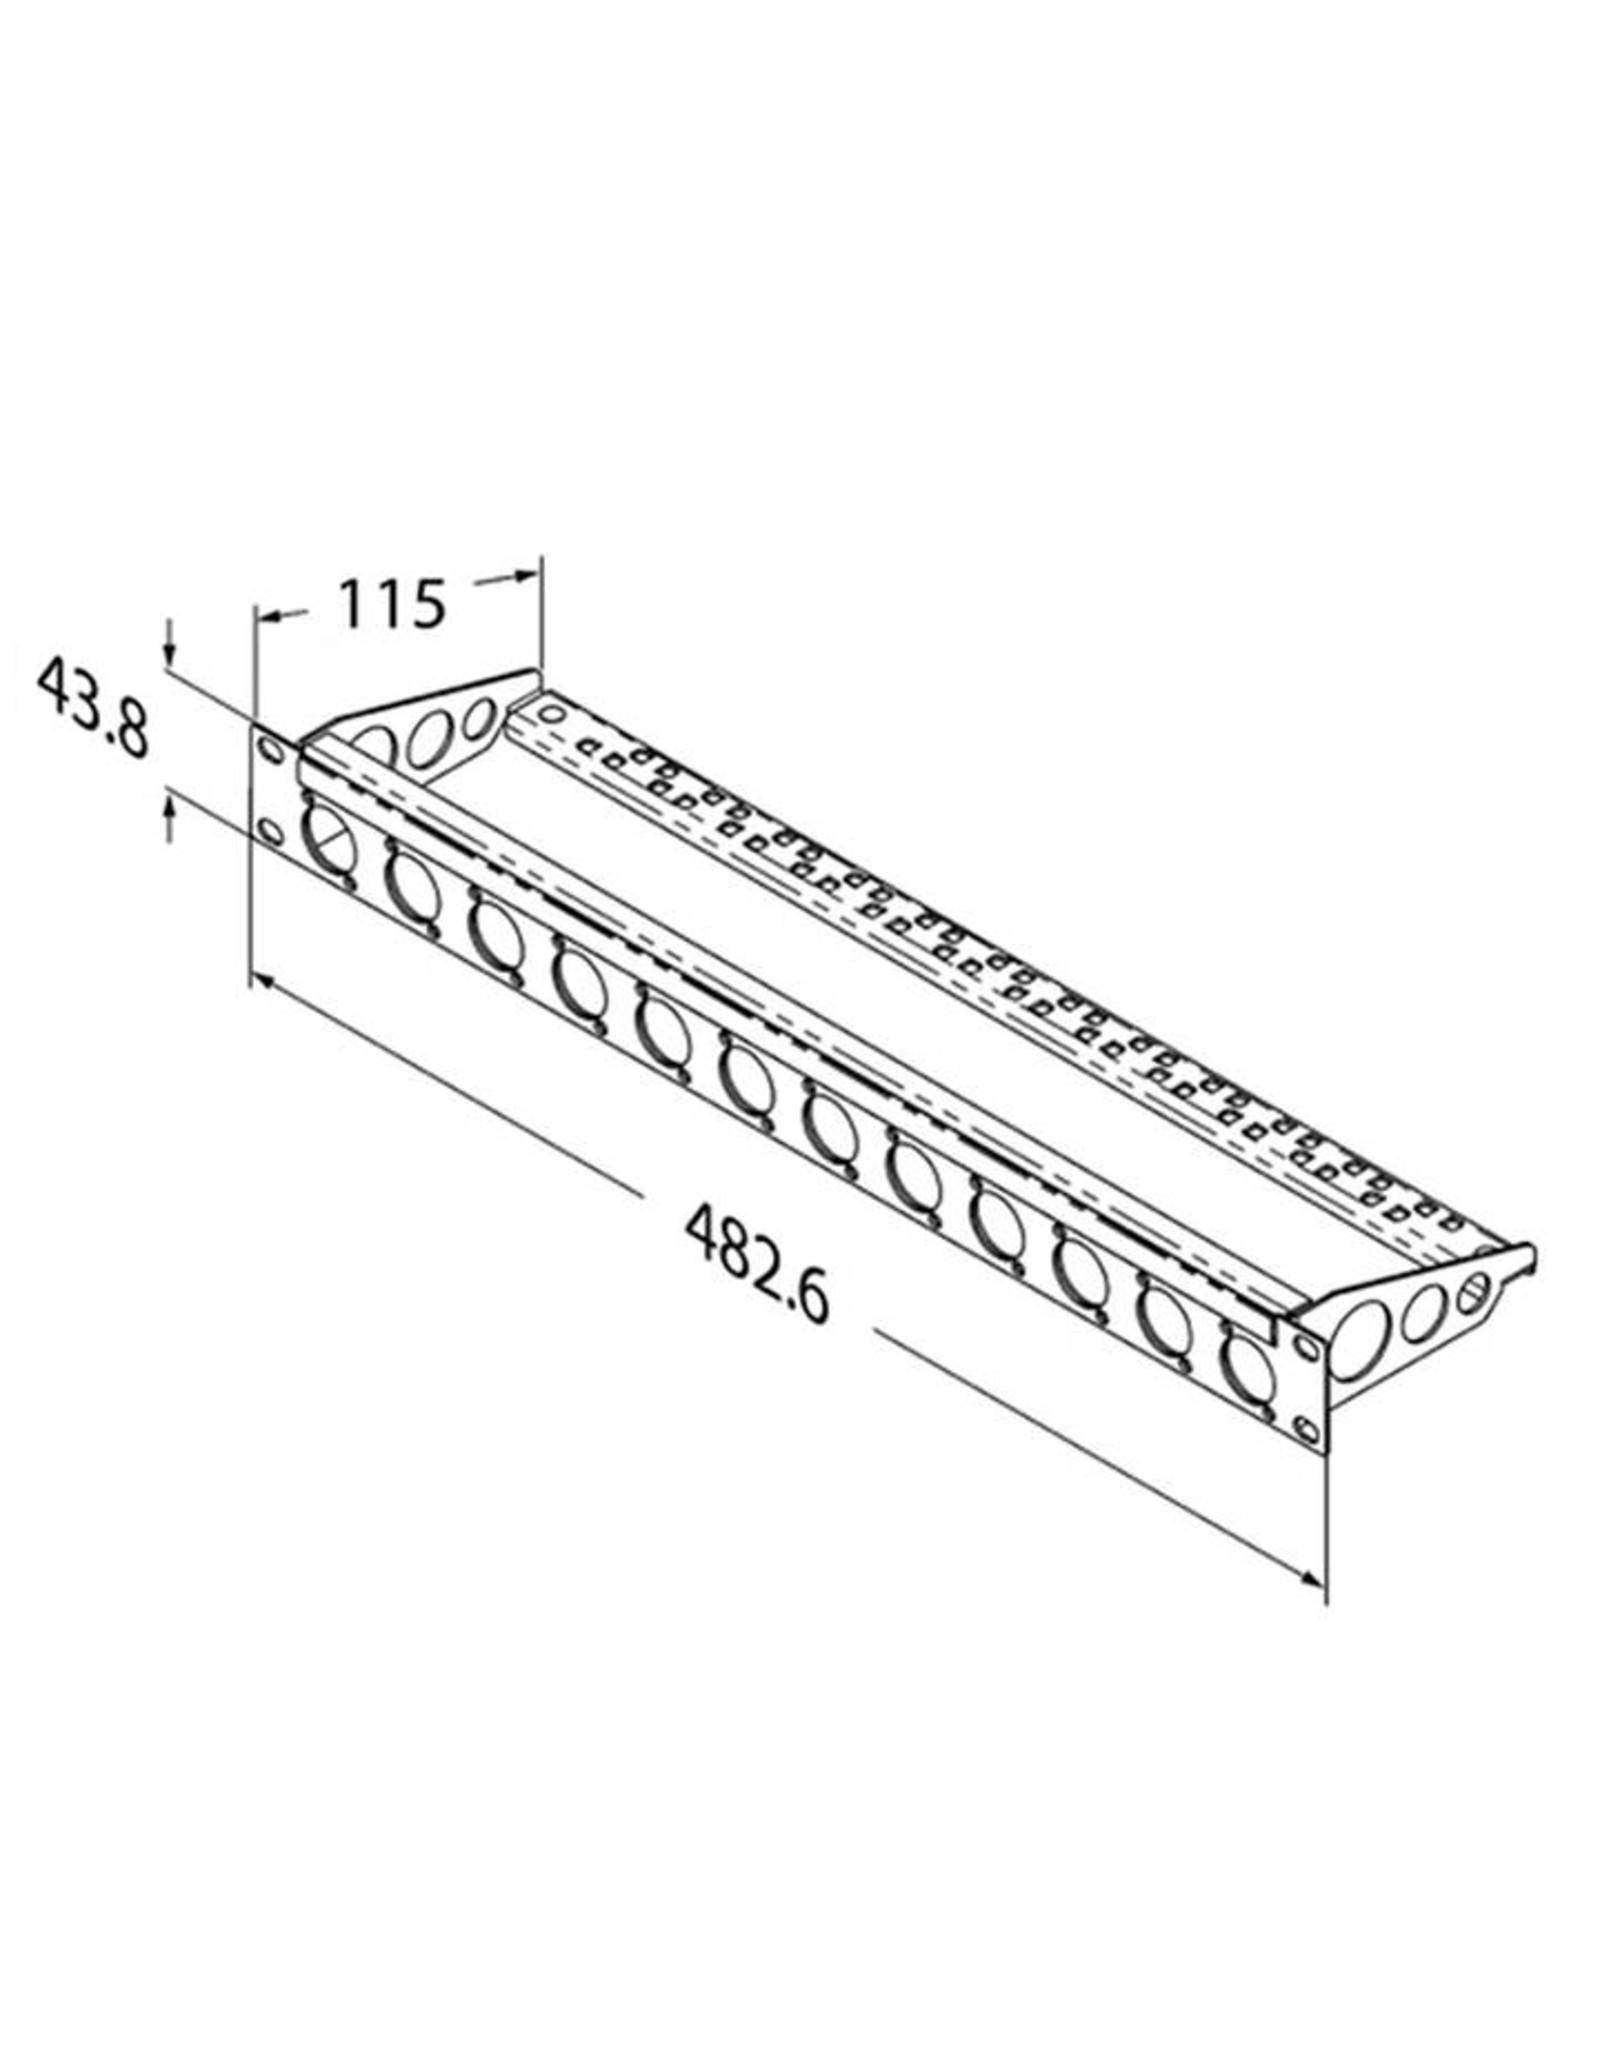 Penn Elcom Penn Elcom frontplaat, 16 gaten Neutrik D, voor MDLX-serie, staal, 1 HE, met kabelsupport